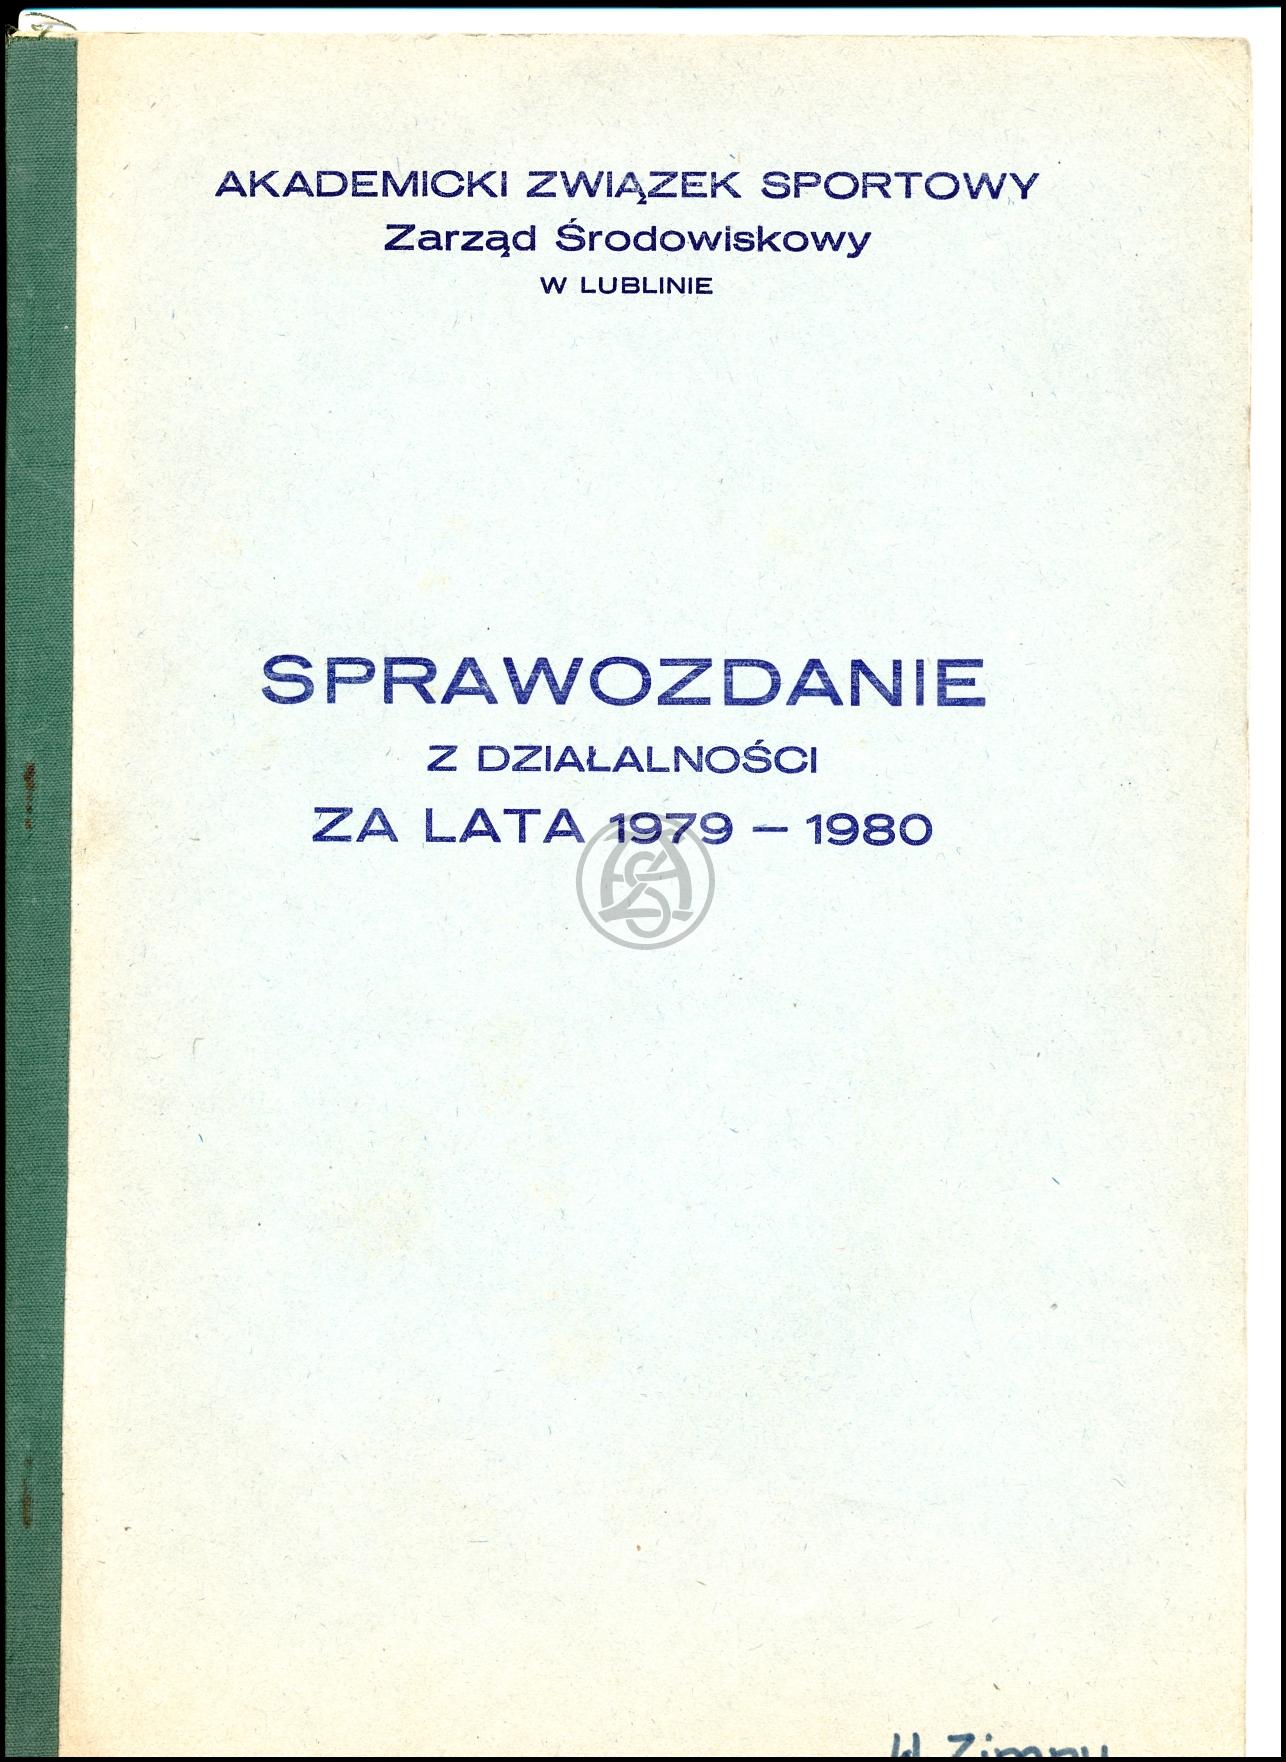 Sprawozdanie AZS Lublin za lata 1979 – 1980